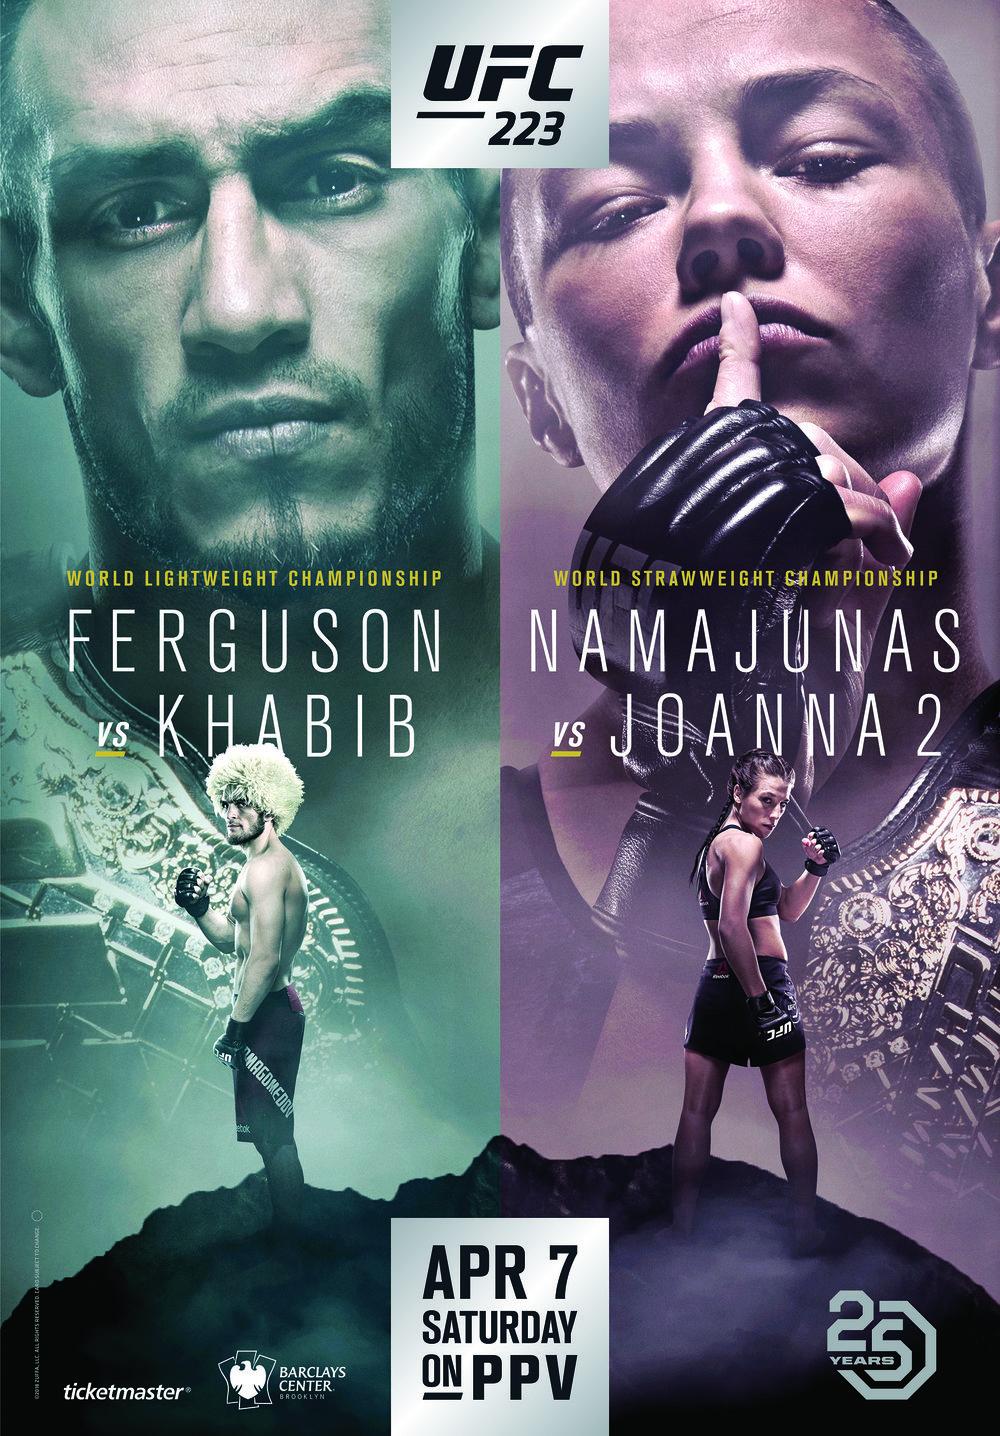 UFC_223_poster.jpg